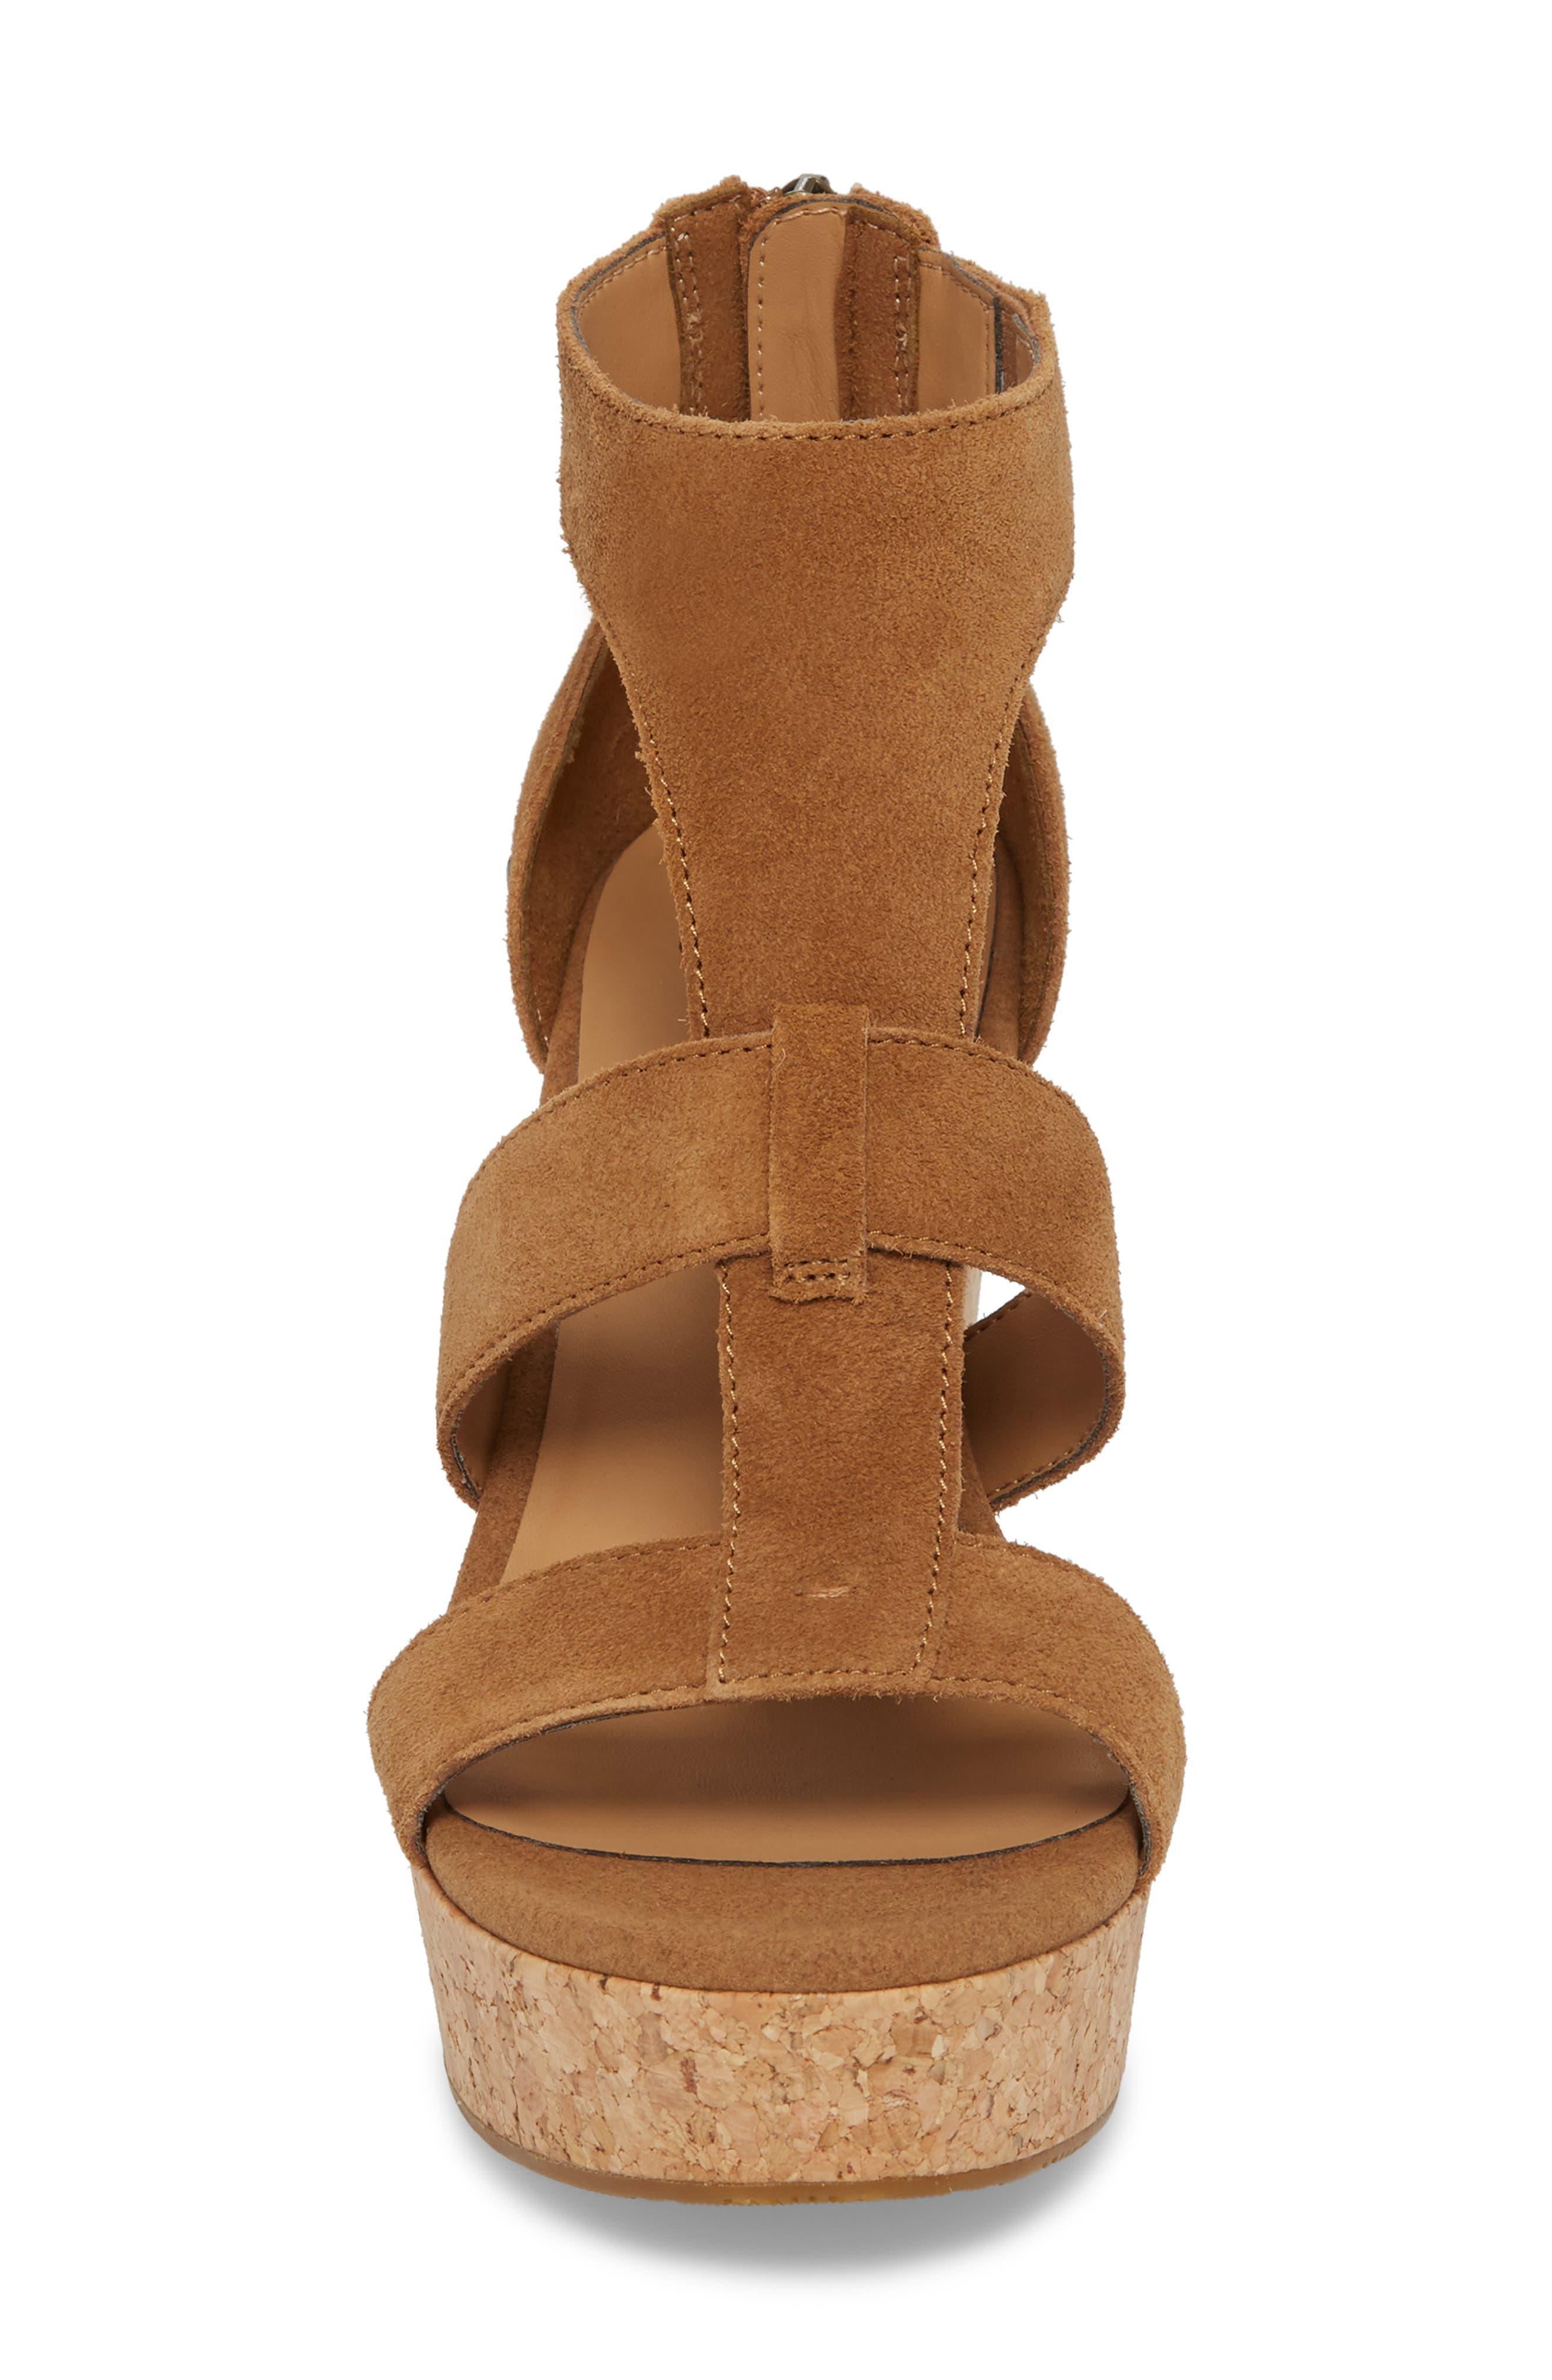 Whitney Platform Wedge Sandal,                             Alternate thumbnail 4, color,                             Chestnut